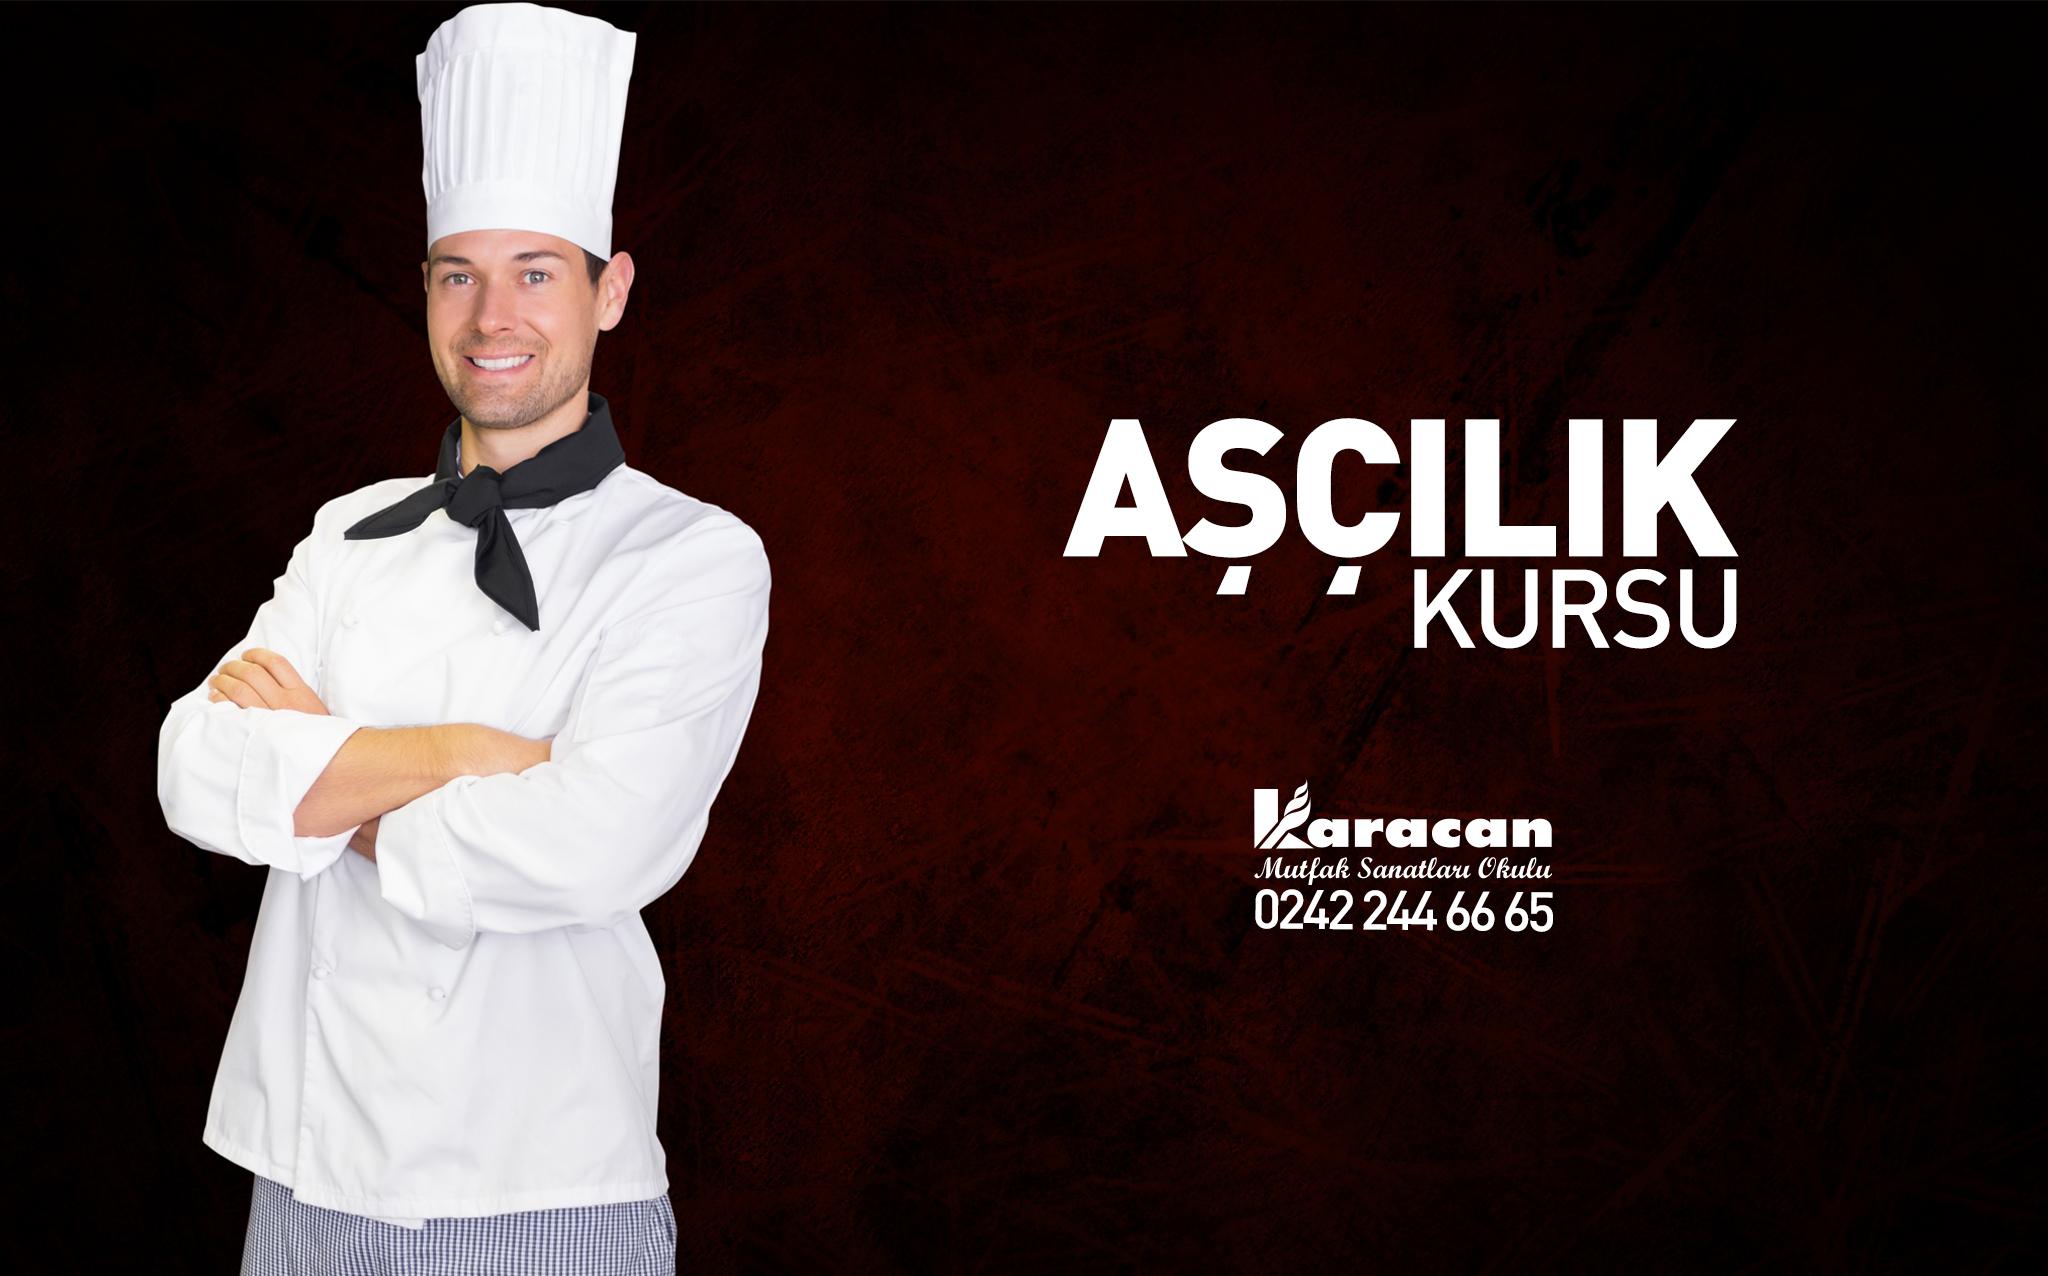 Bursa Aşçılık Pastacılık Kursu - 0 242 244 66 65